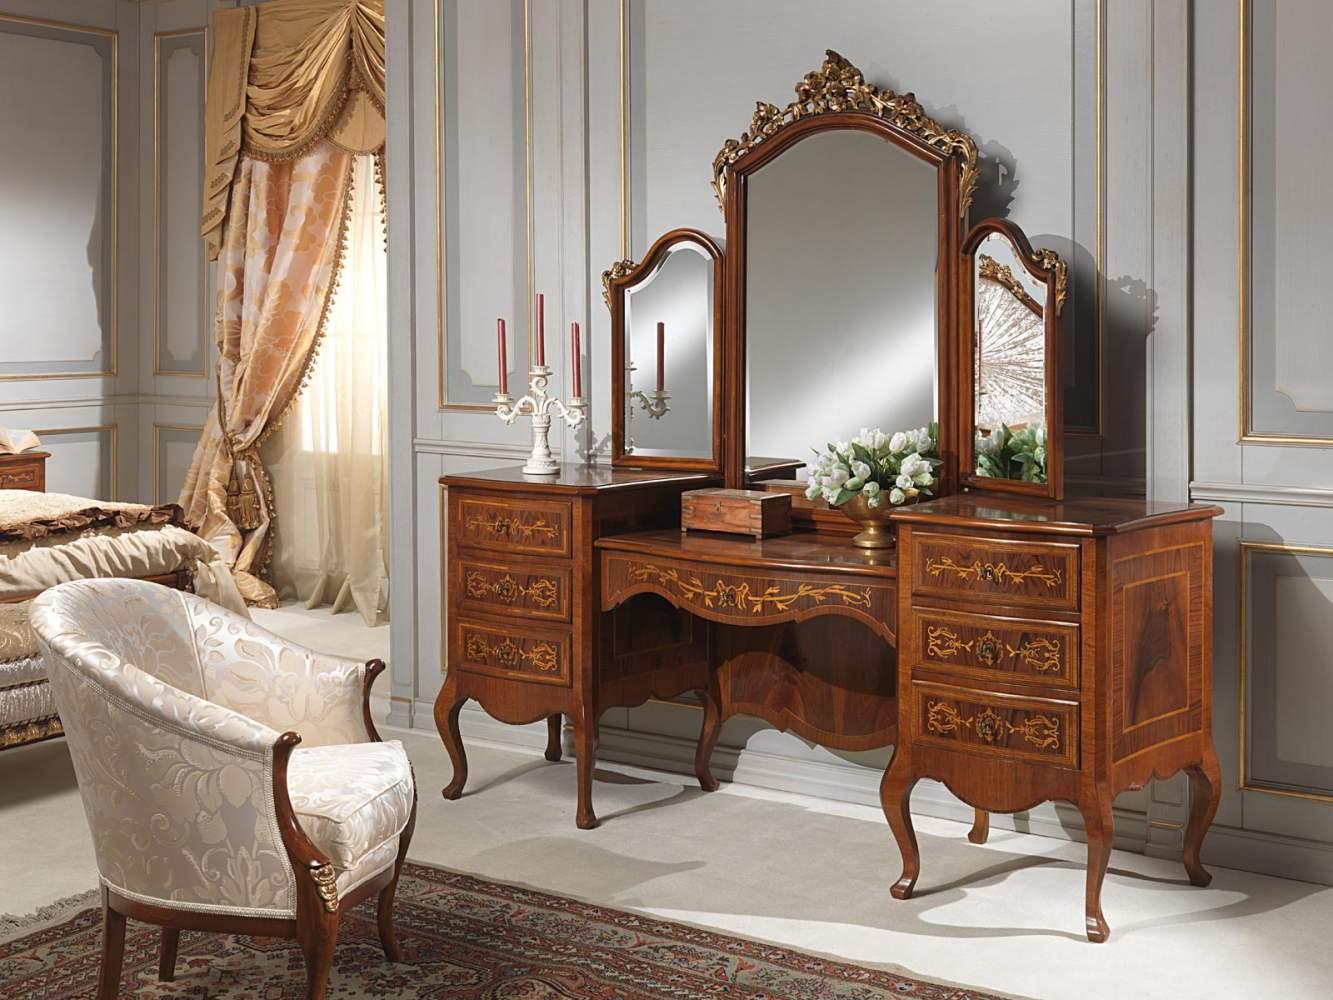 Camera da letto classica louvre toilette con specchio for 5 piani di camera da letto 4 bagni